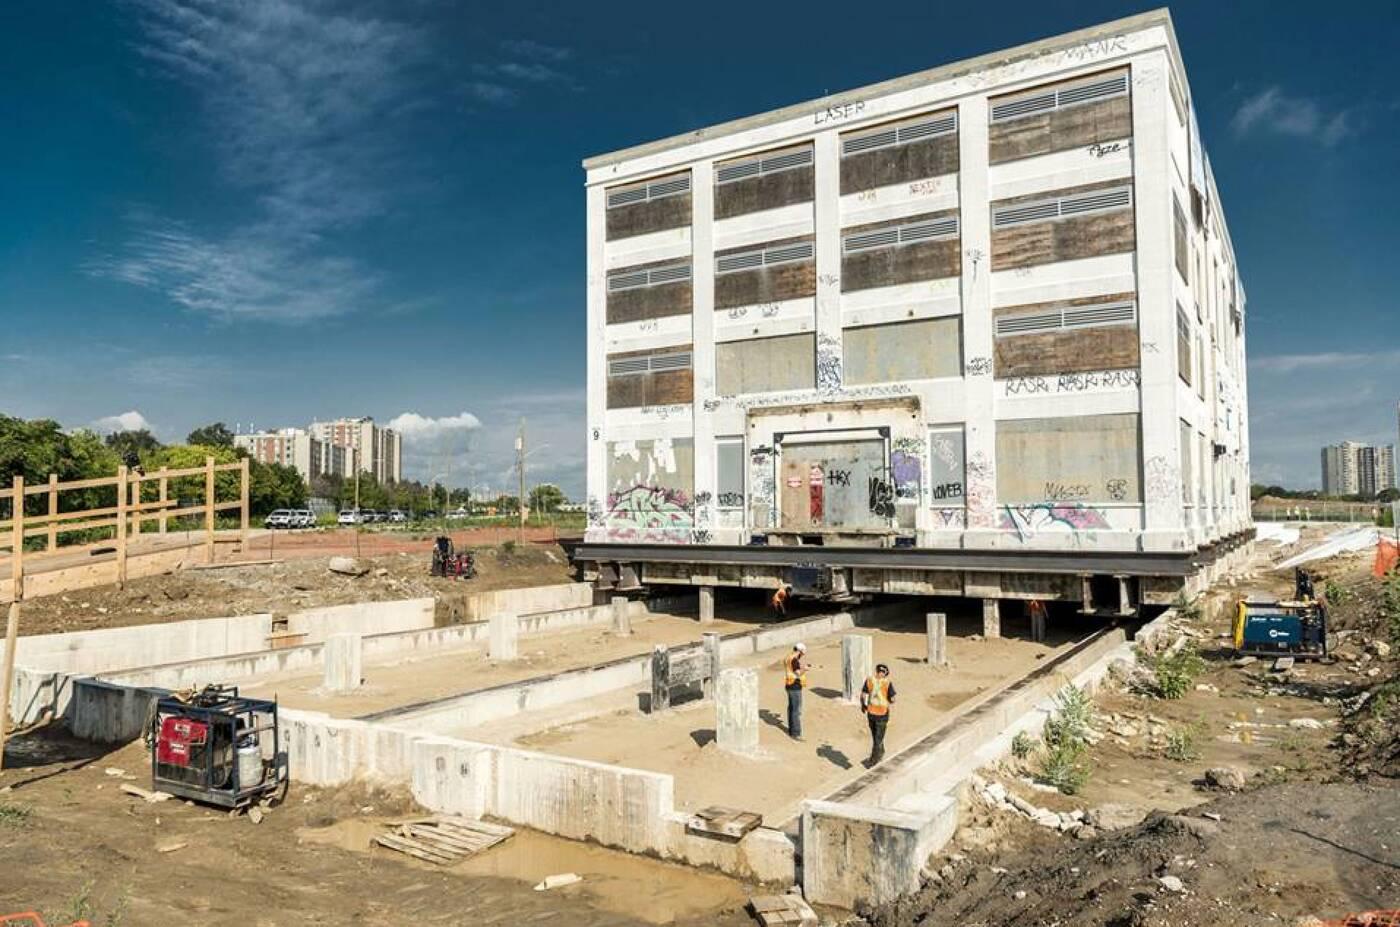 kodak 9 building